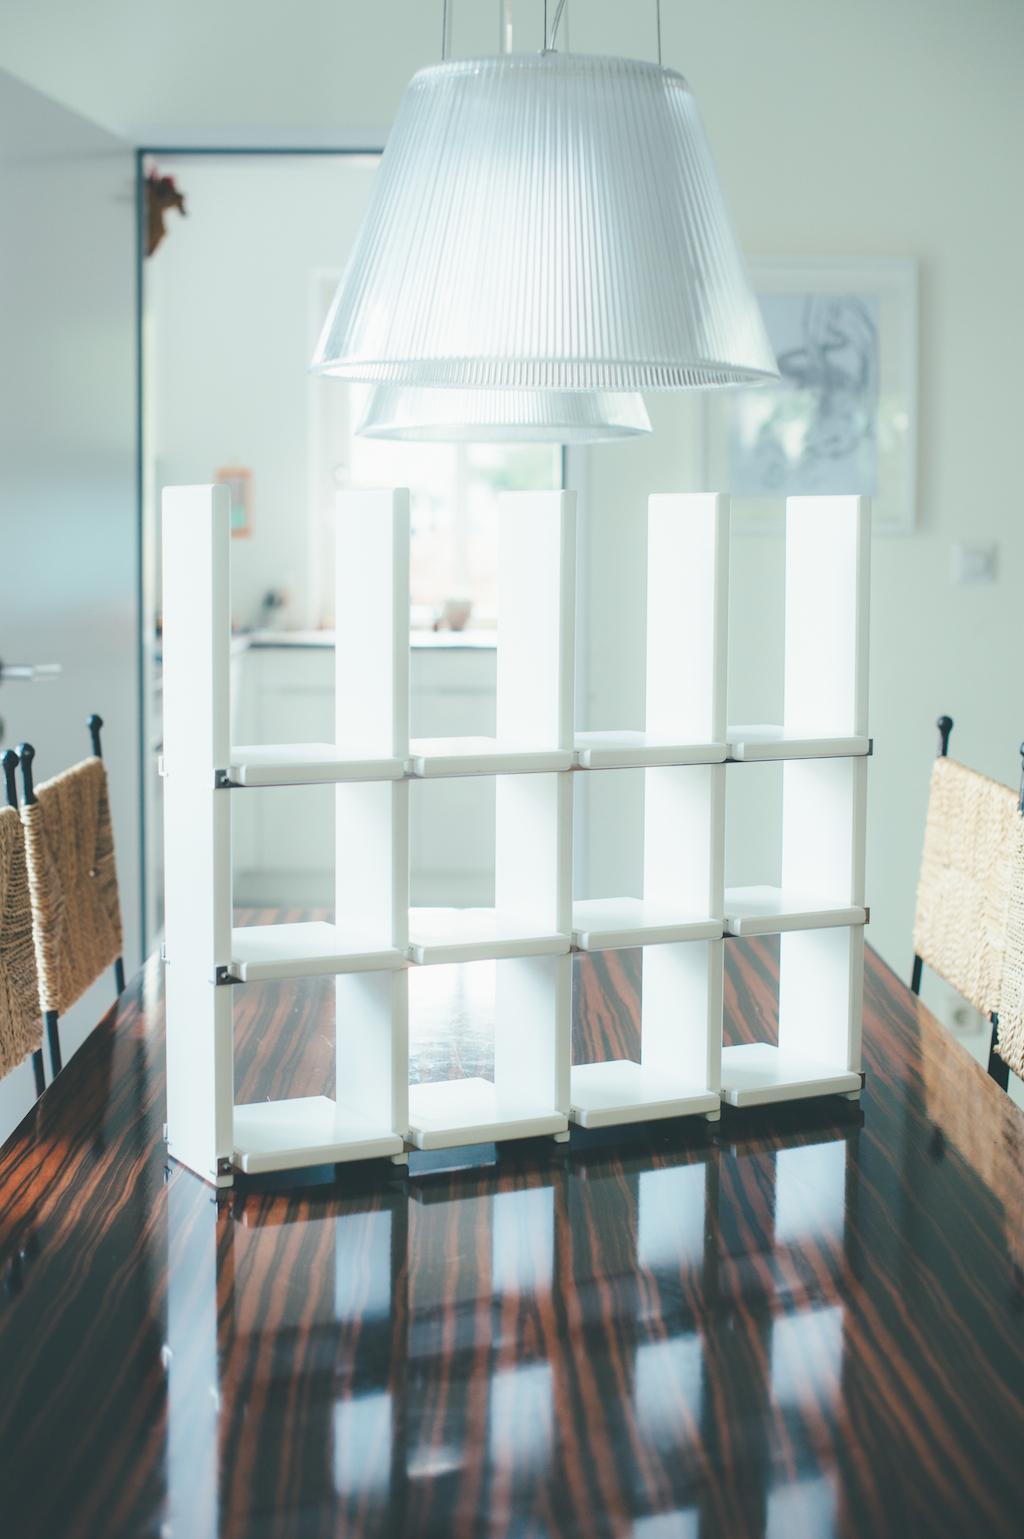 tischlerei voigt tischlerei. Black Bedroom Furniture Sets. Home Design Ideas